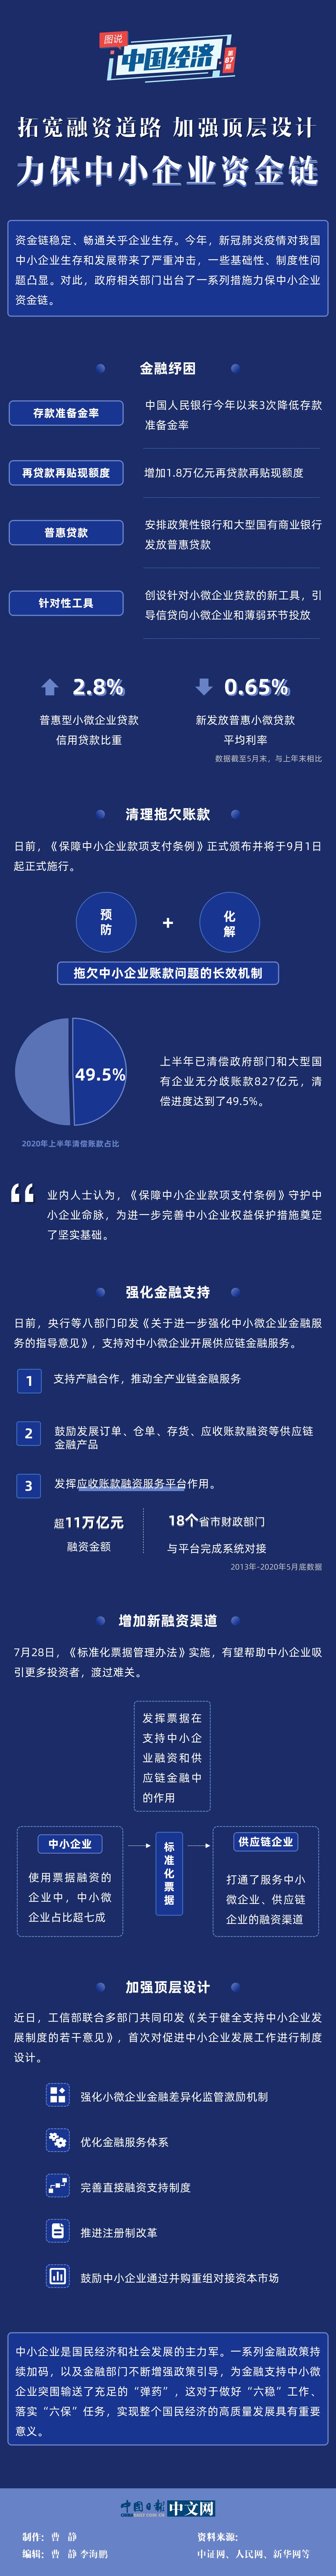 【图说中国经济】拓宽融资道路 加强顶层设计:力保中小企业资金链